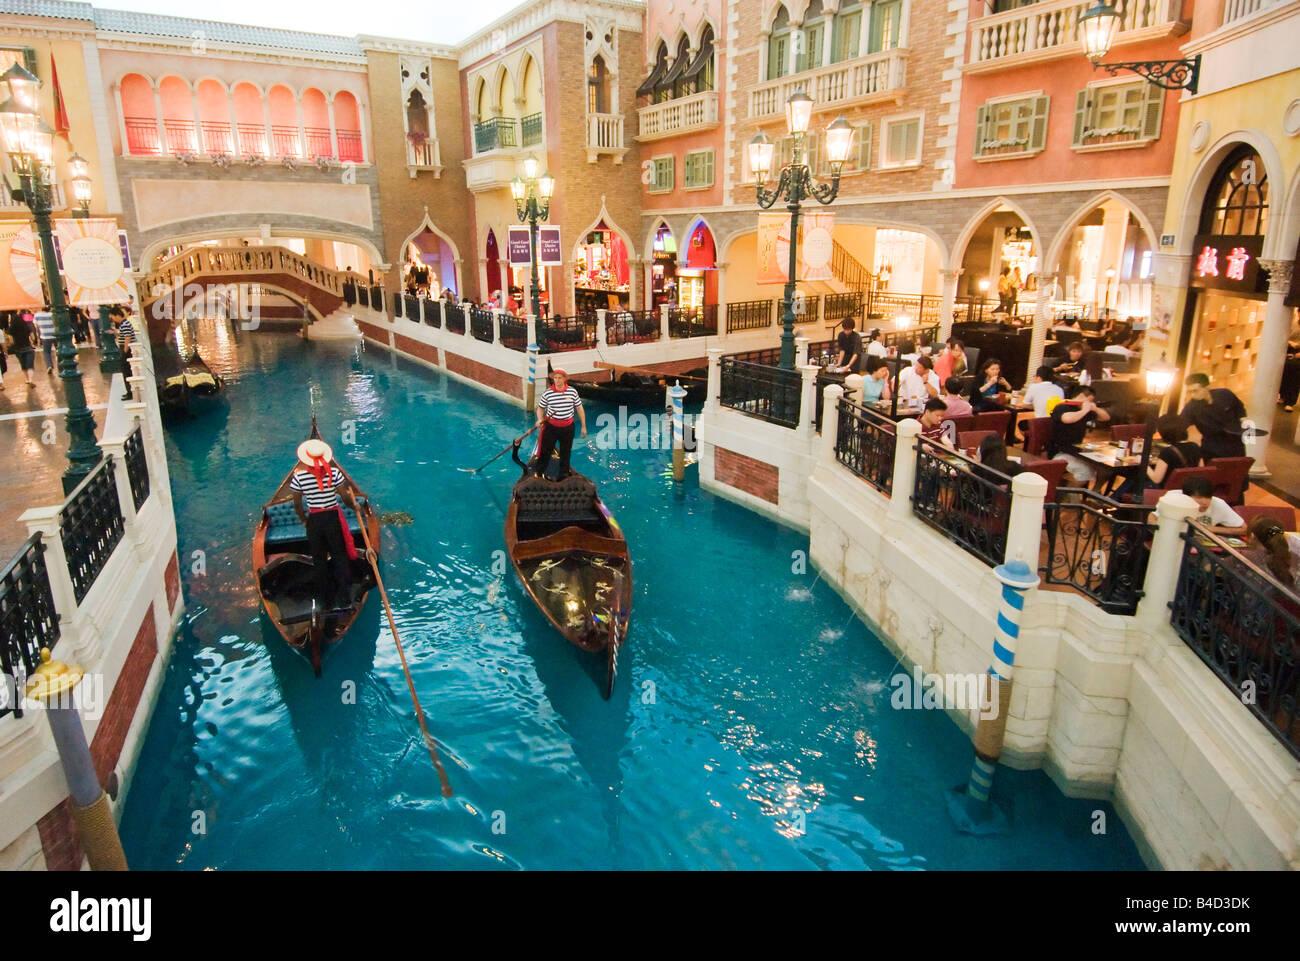 Intérieur de l'hôtel Venetian Macao Macao Casino et Photo Stock